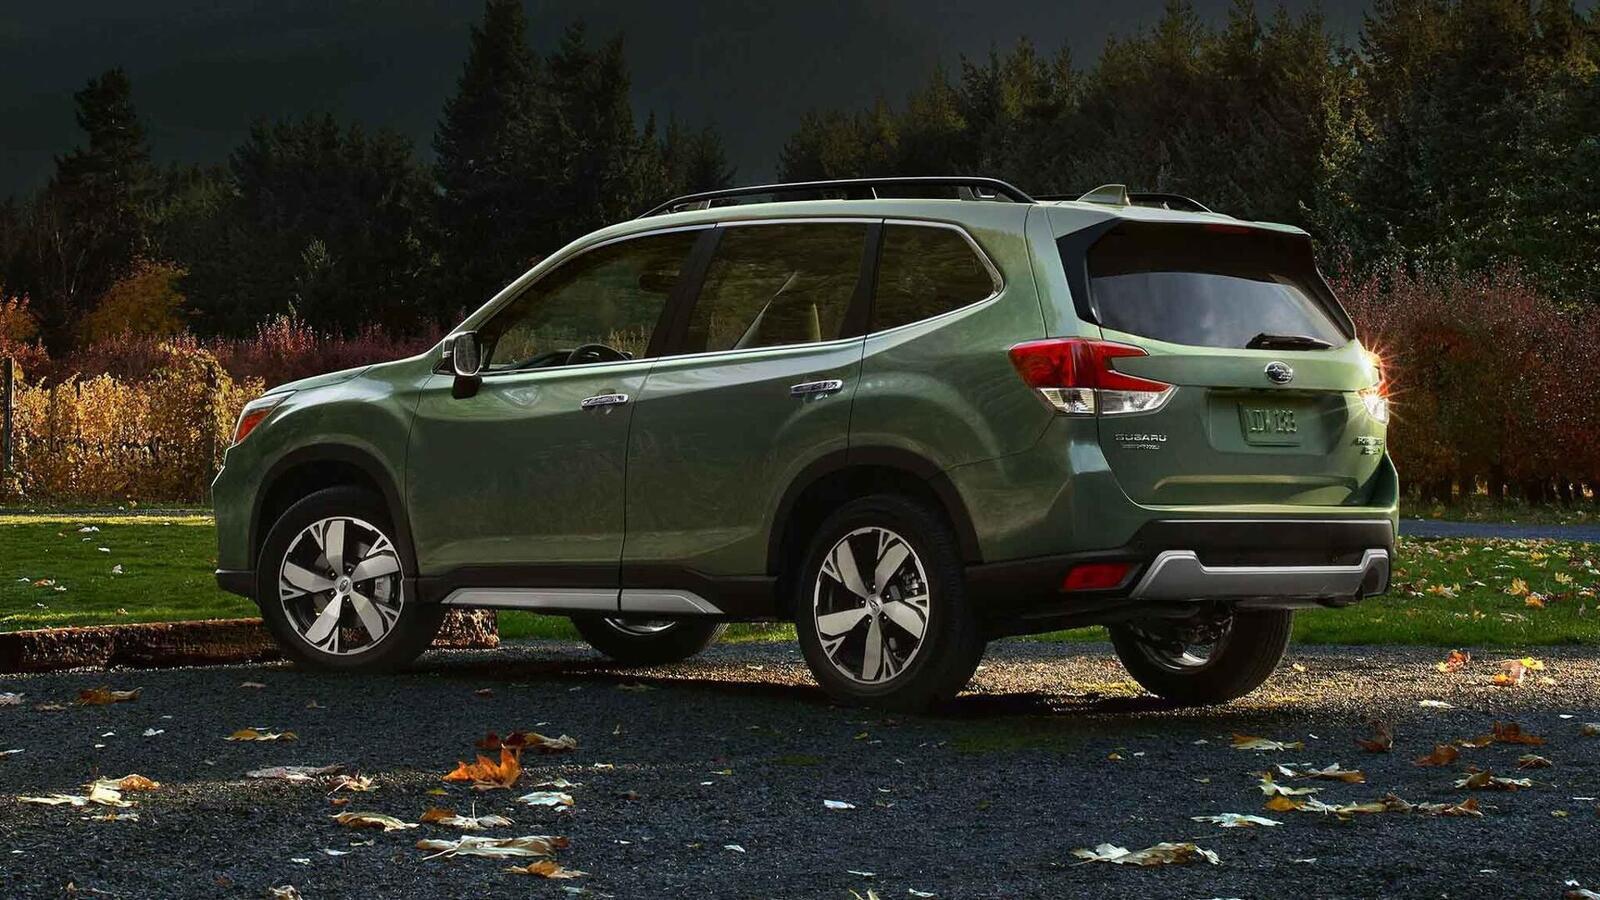 Subaru Forester 2019: Thay đổi nội ngoại thất, động cơ mạnh hơn, thêm nhiều phiên bản - Hình 10